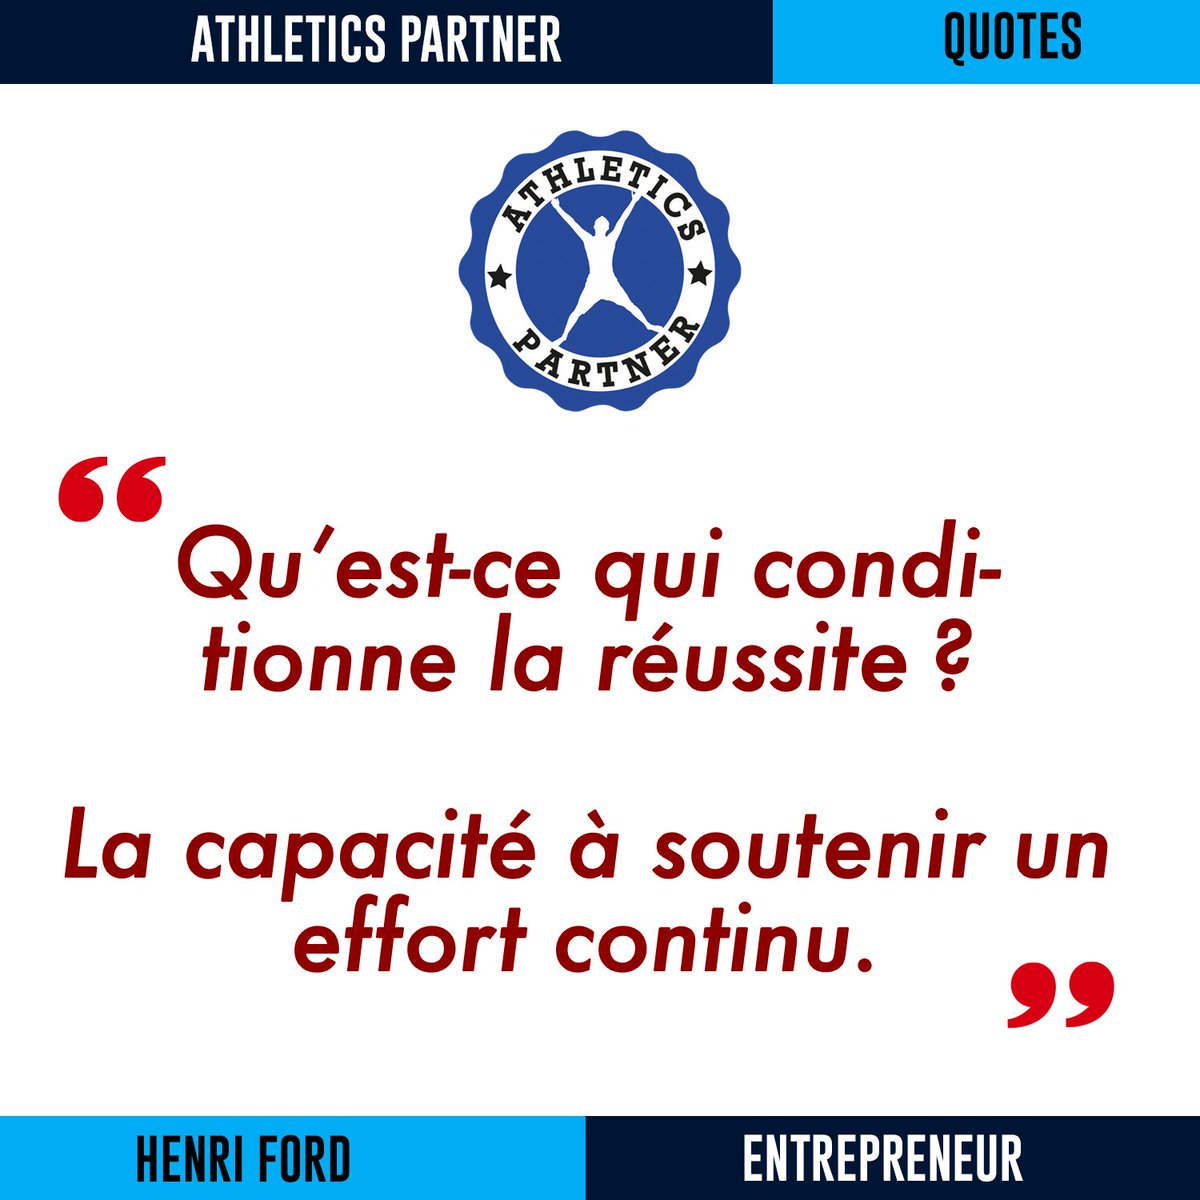 """[ quote ] """" Qu'est-ce qui conditionne la réussite? La capacité à soutenir un effort continu. """" – Henri Ford 🚗 ————————————————————— #AthleticsPartner #athletics #getrecruited #scholarshipUSA #BourseSportive #studentathlete #motivationmonday #sportsquote #qotd https://t.co/CWcD048Y2N"""